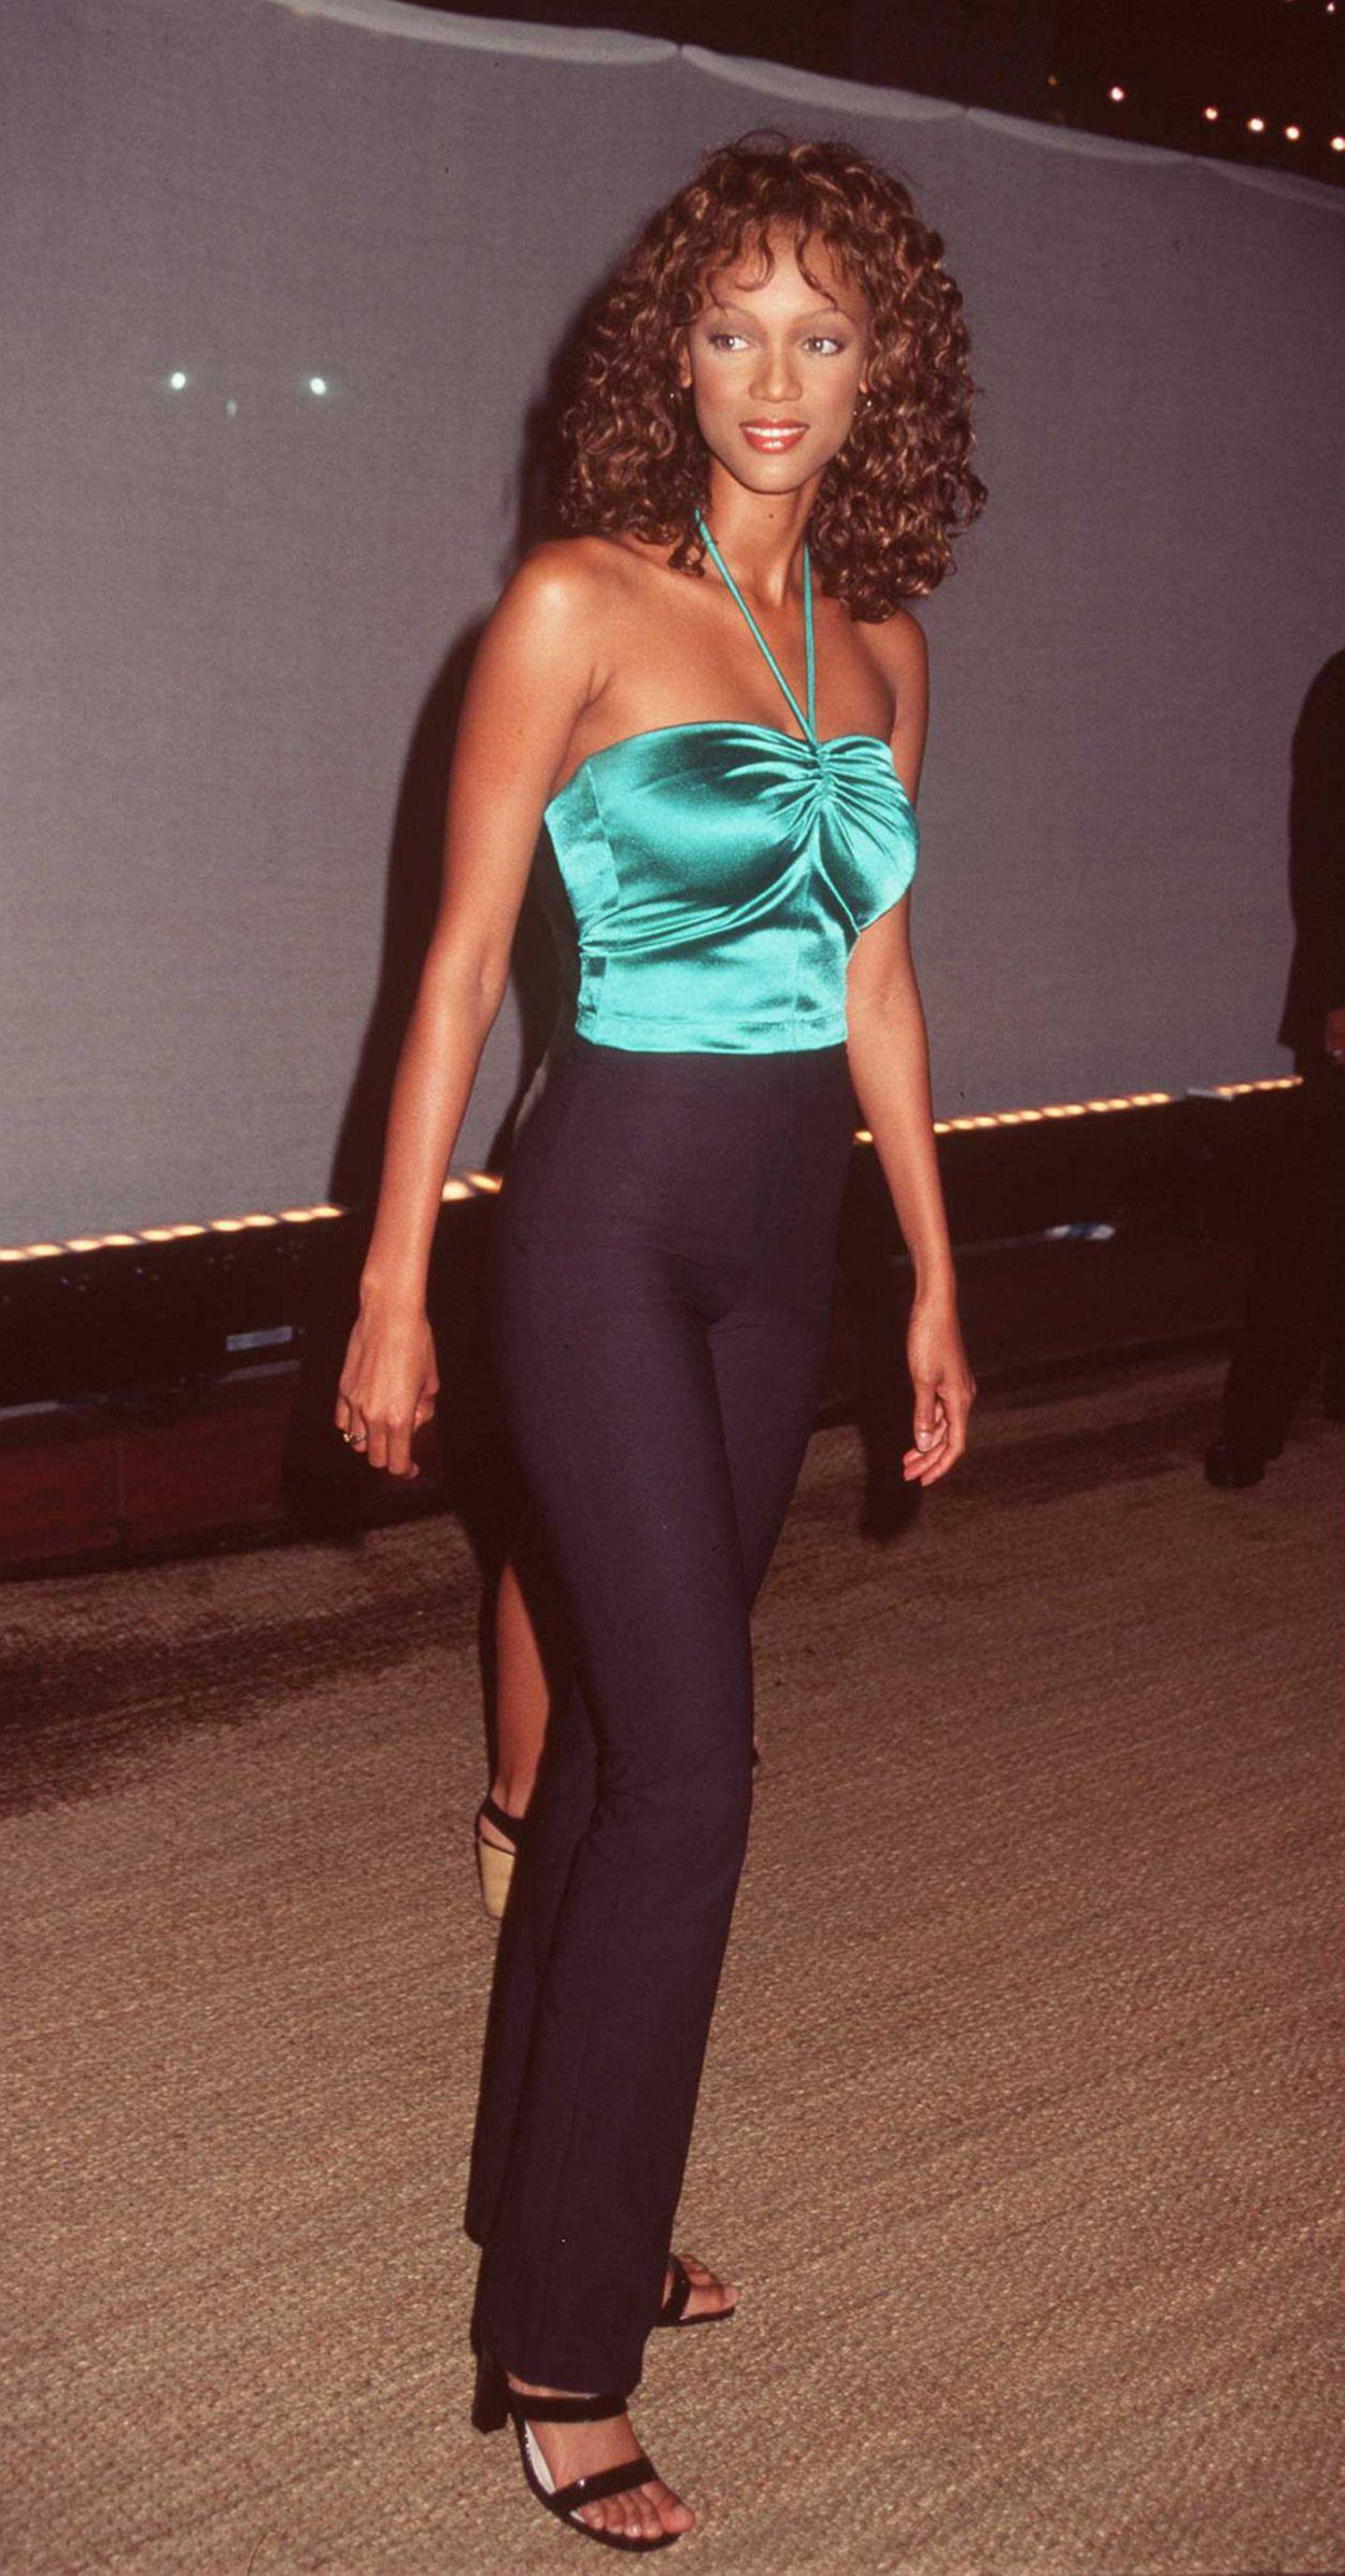 Supermodels vor ihrer Karriere und heute: Tyra Banks früher